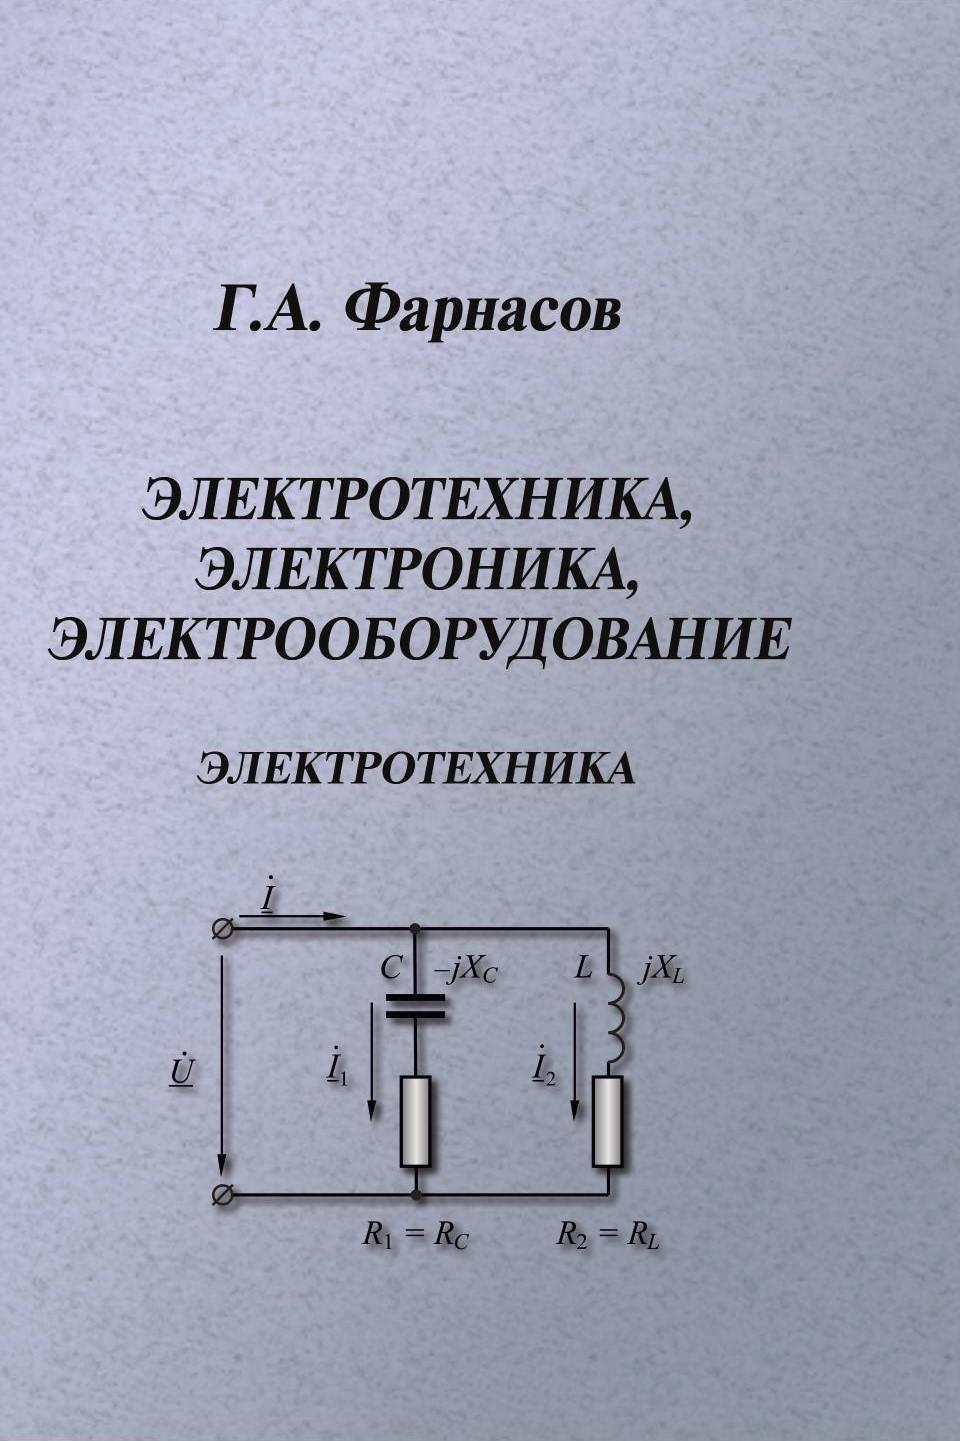 Геннадий Фарнасов Электротехника, электроника, электрооборудование. Электротехника электрооборудование и эсуд бюджетных легковых автомобилей выпуск 132